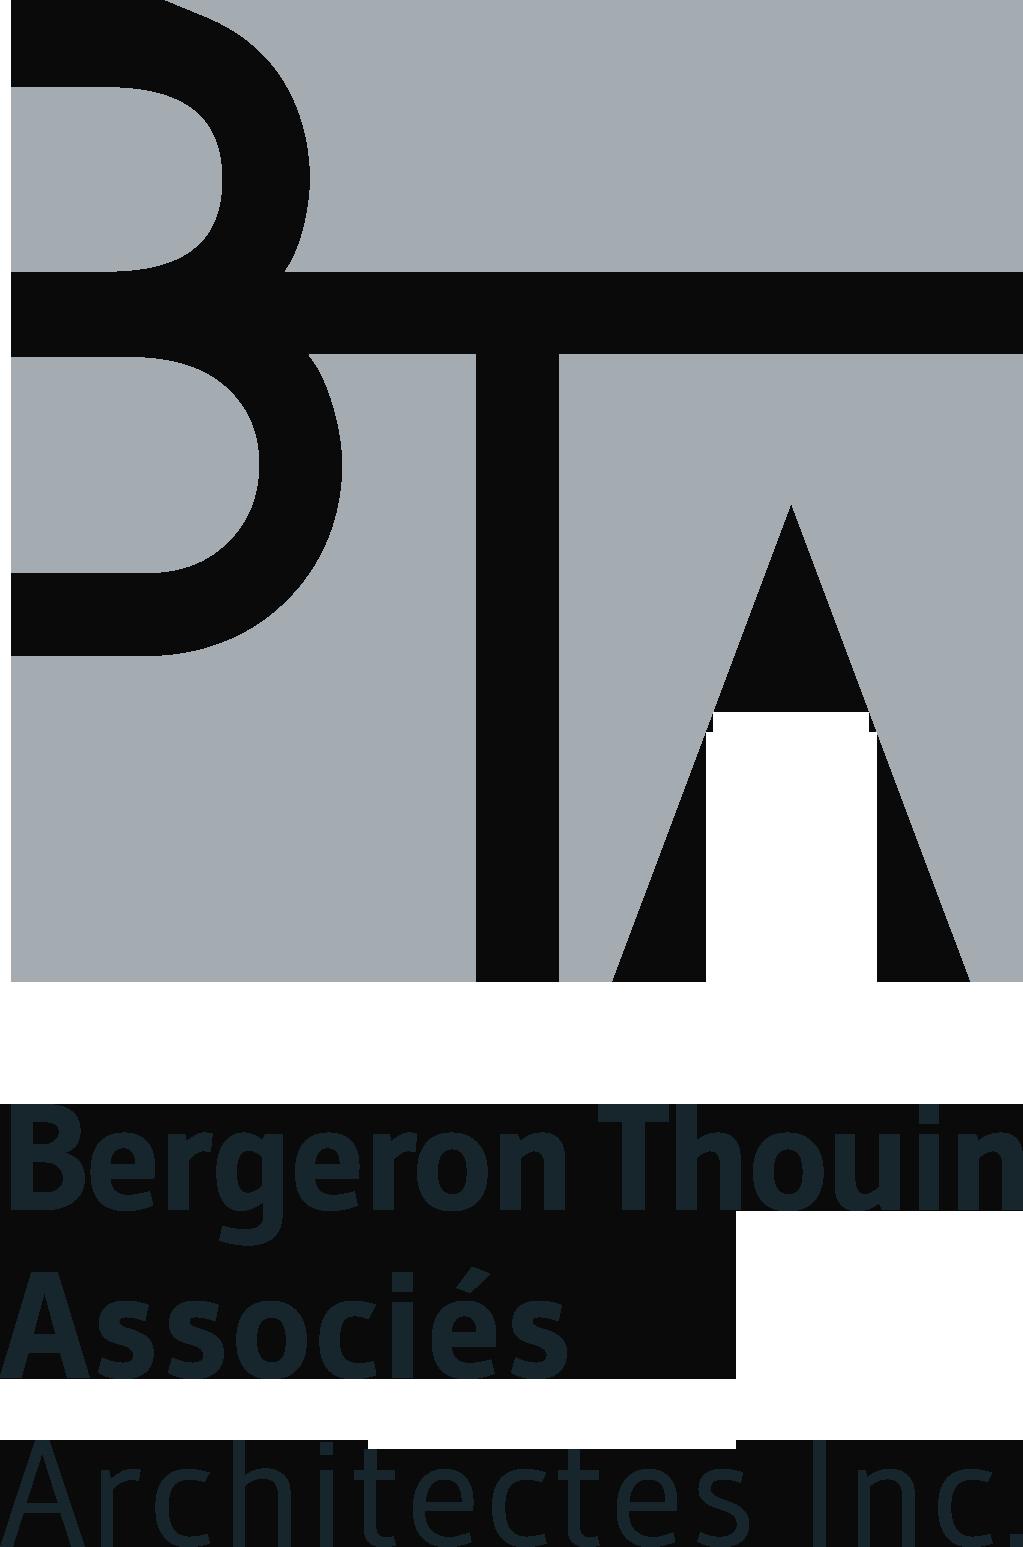 Bergeron thouin associés architectes inc.